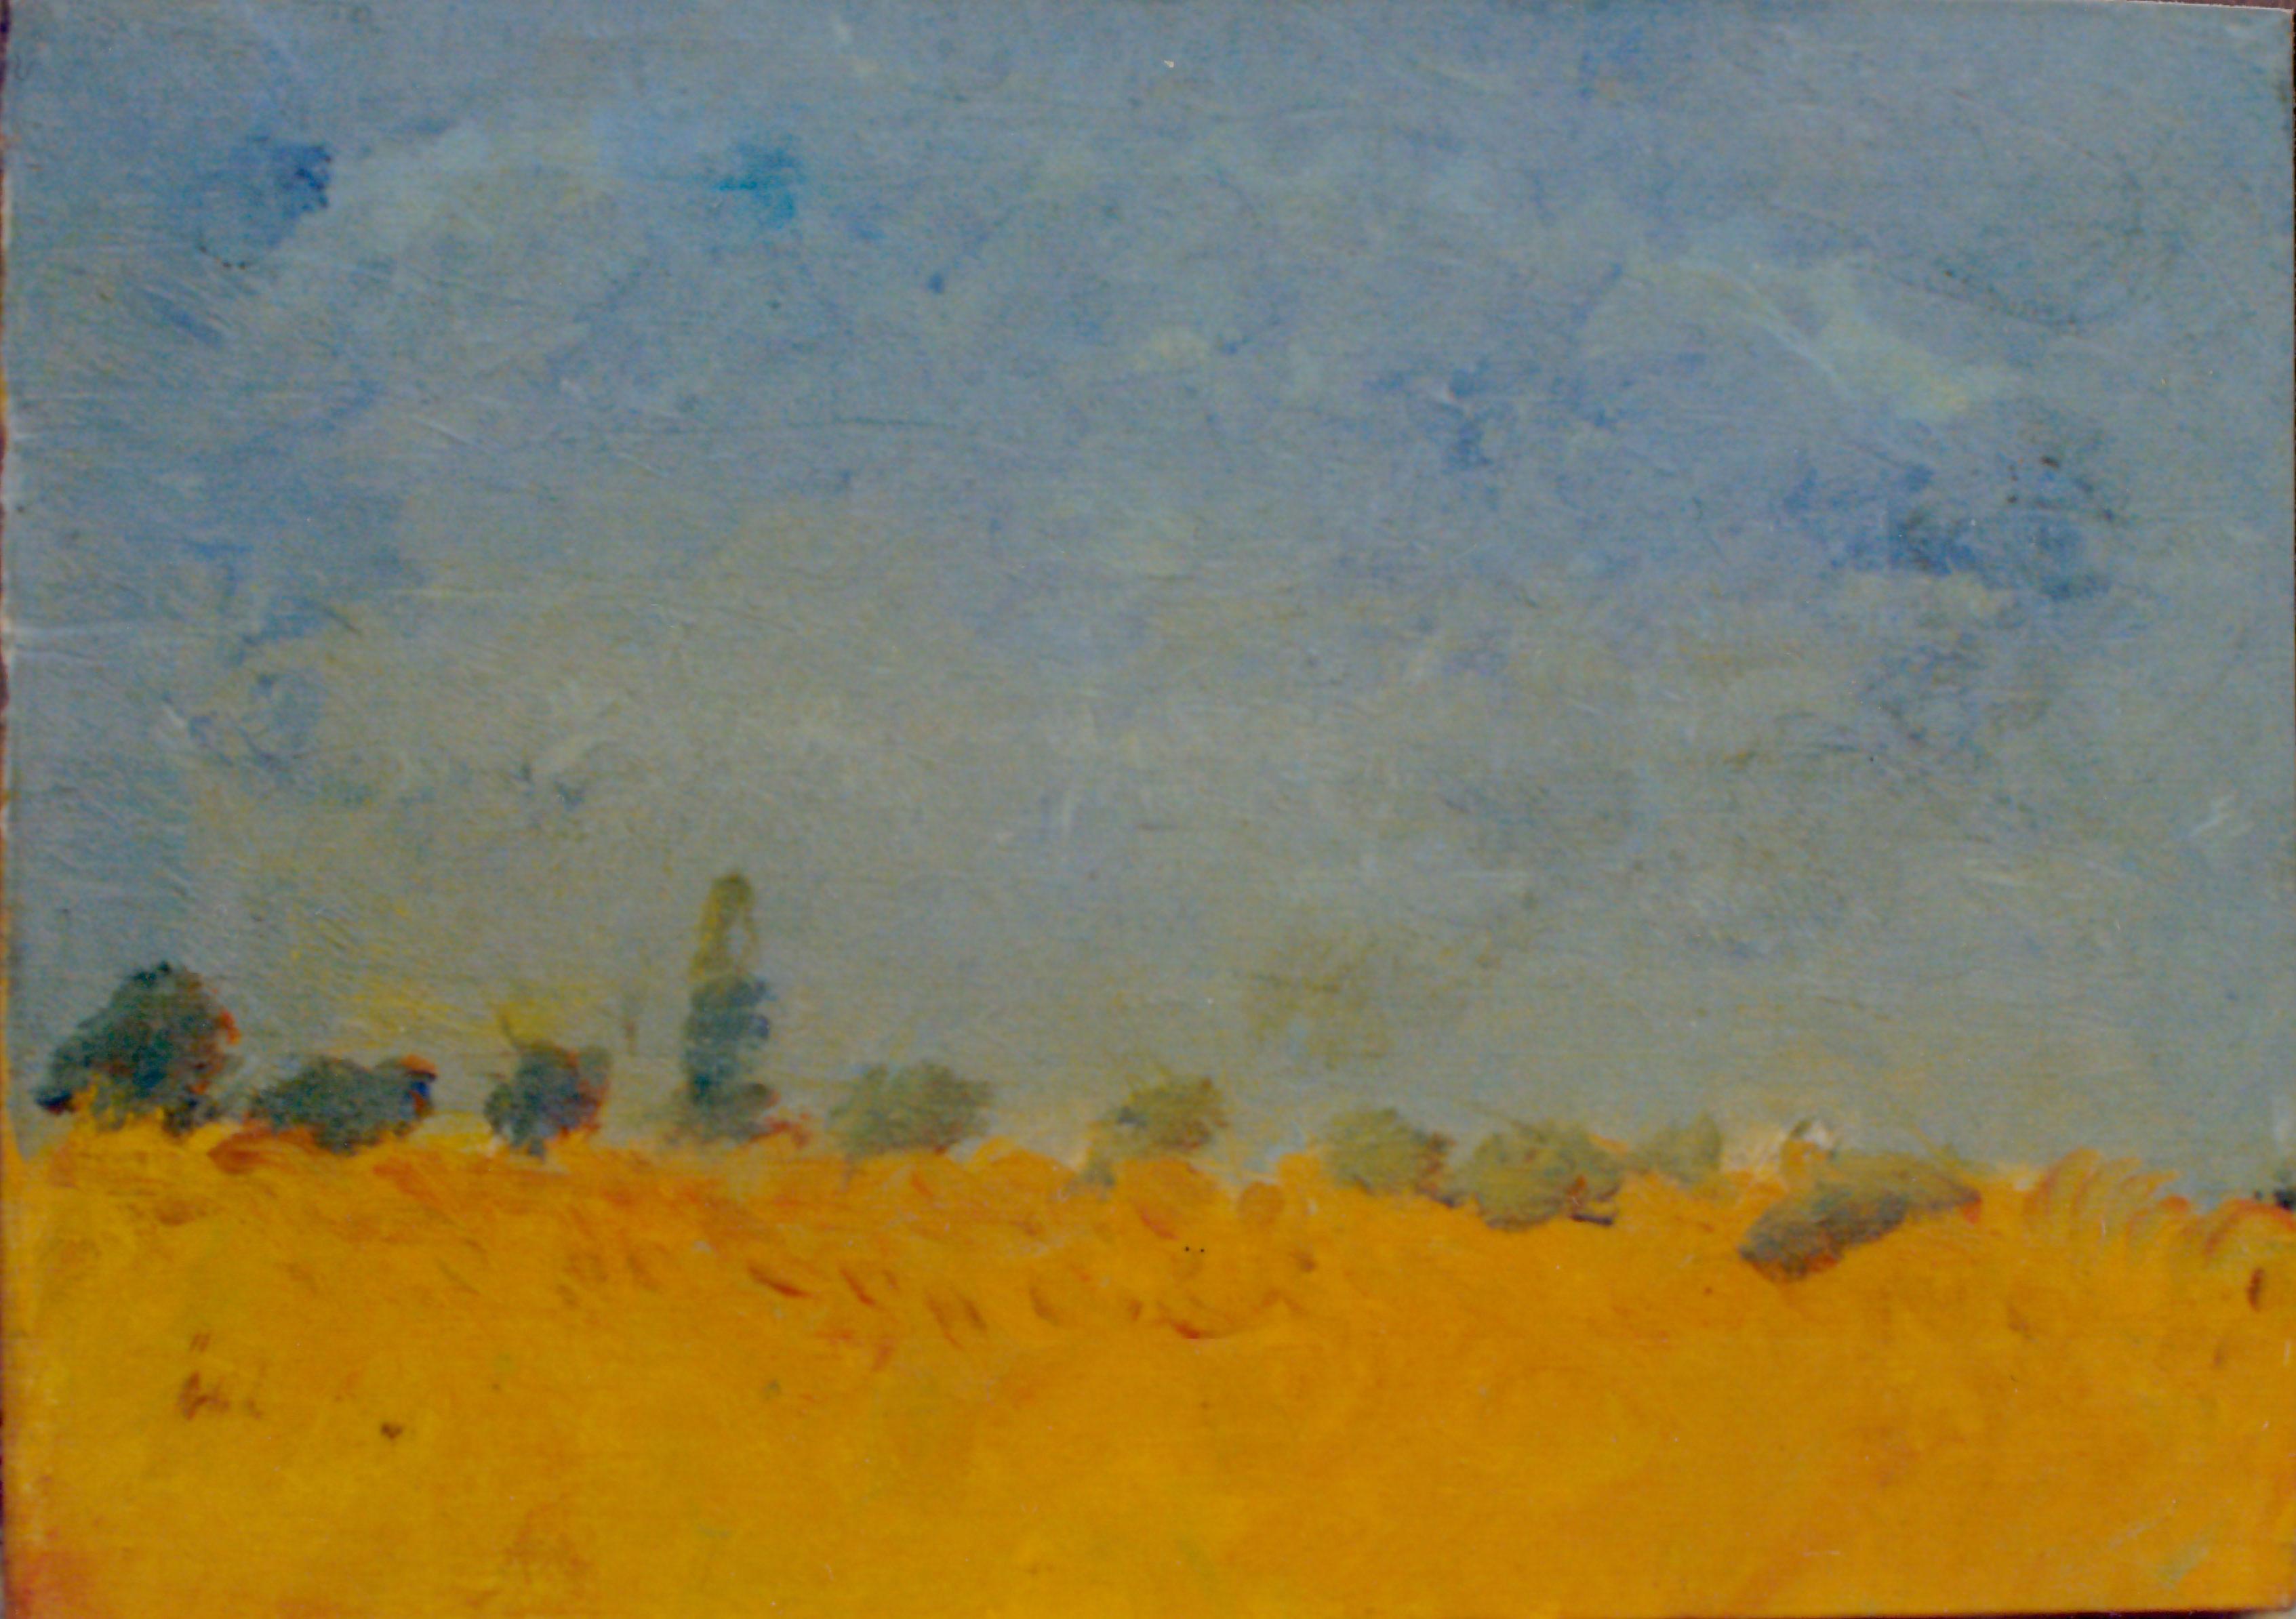 Ősi László Nyár (csonka fasor) 1964 olaj vászon cca 40x55cm (Első olaj kép)